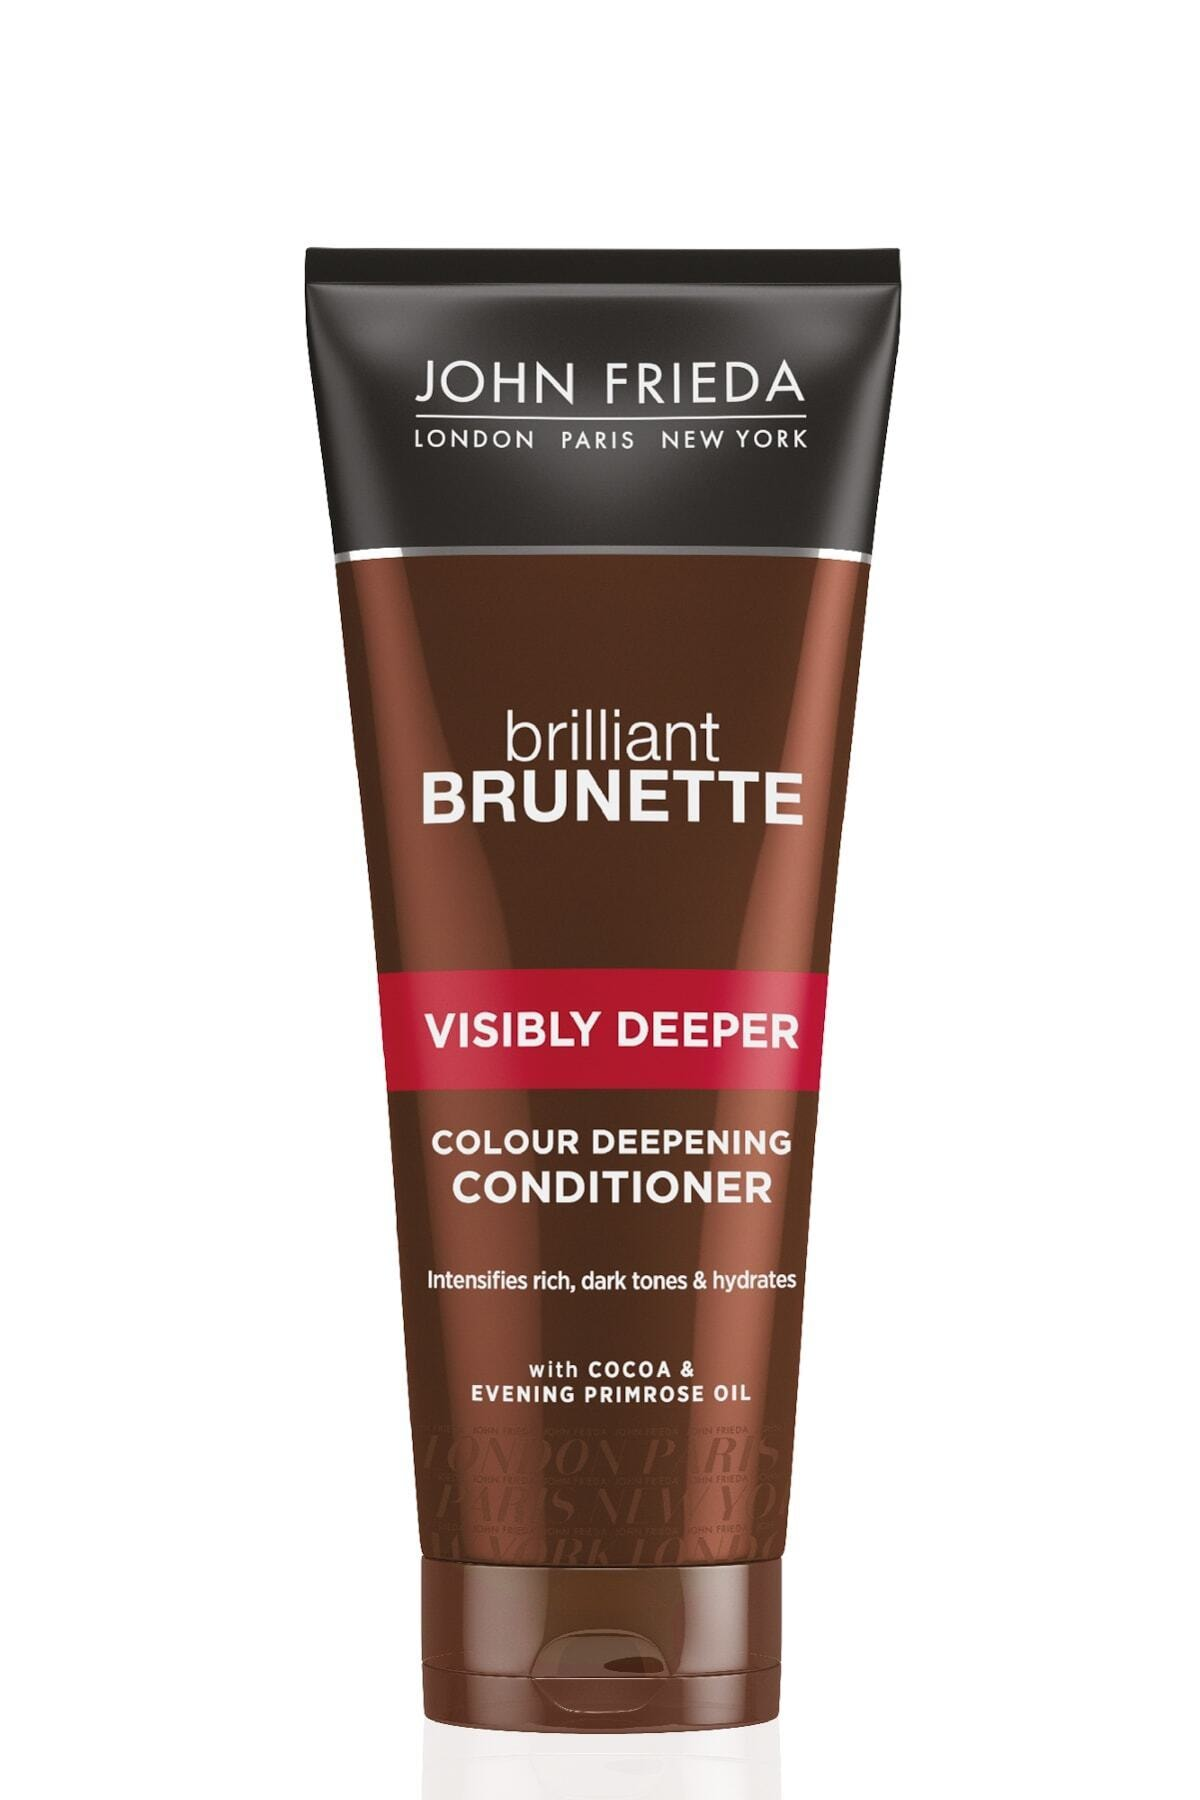 Kahverengi Saçlara Özel Ton Koyulaştırıcı Ve Parlatıcı Bakım Kremi - Brilliant Brunette